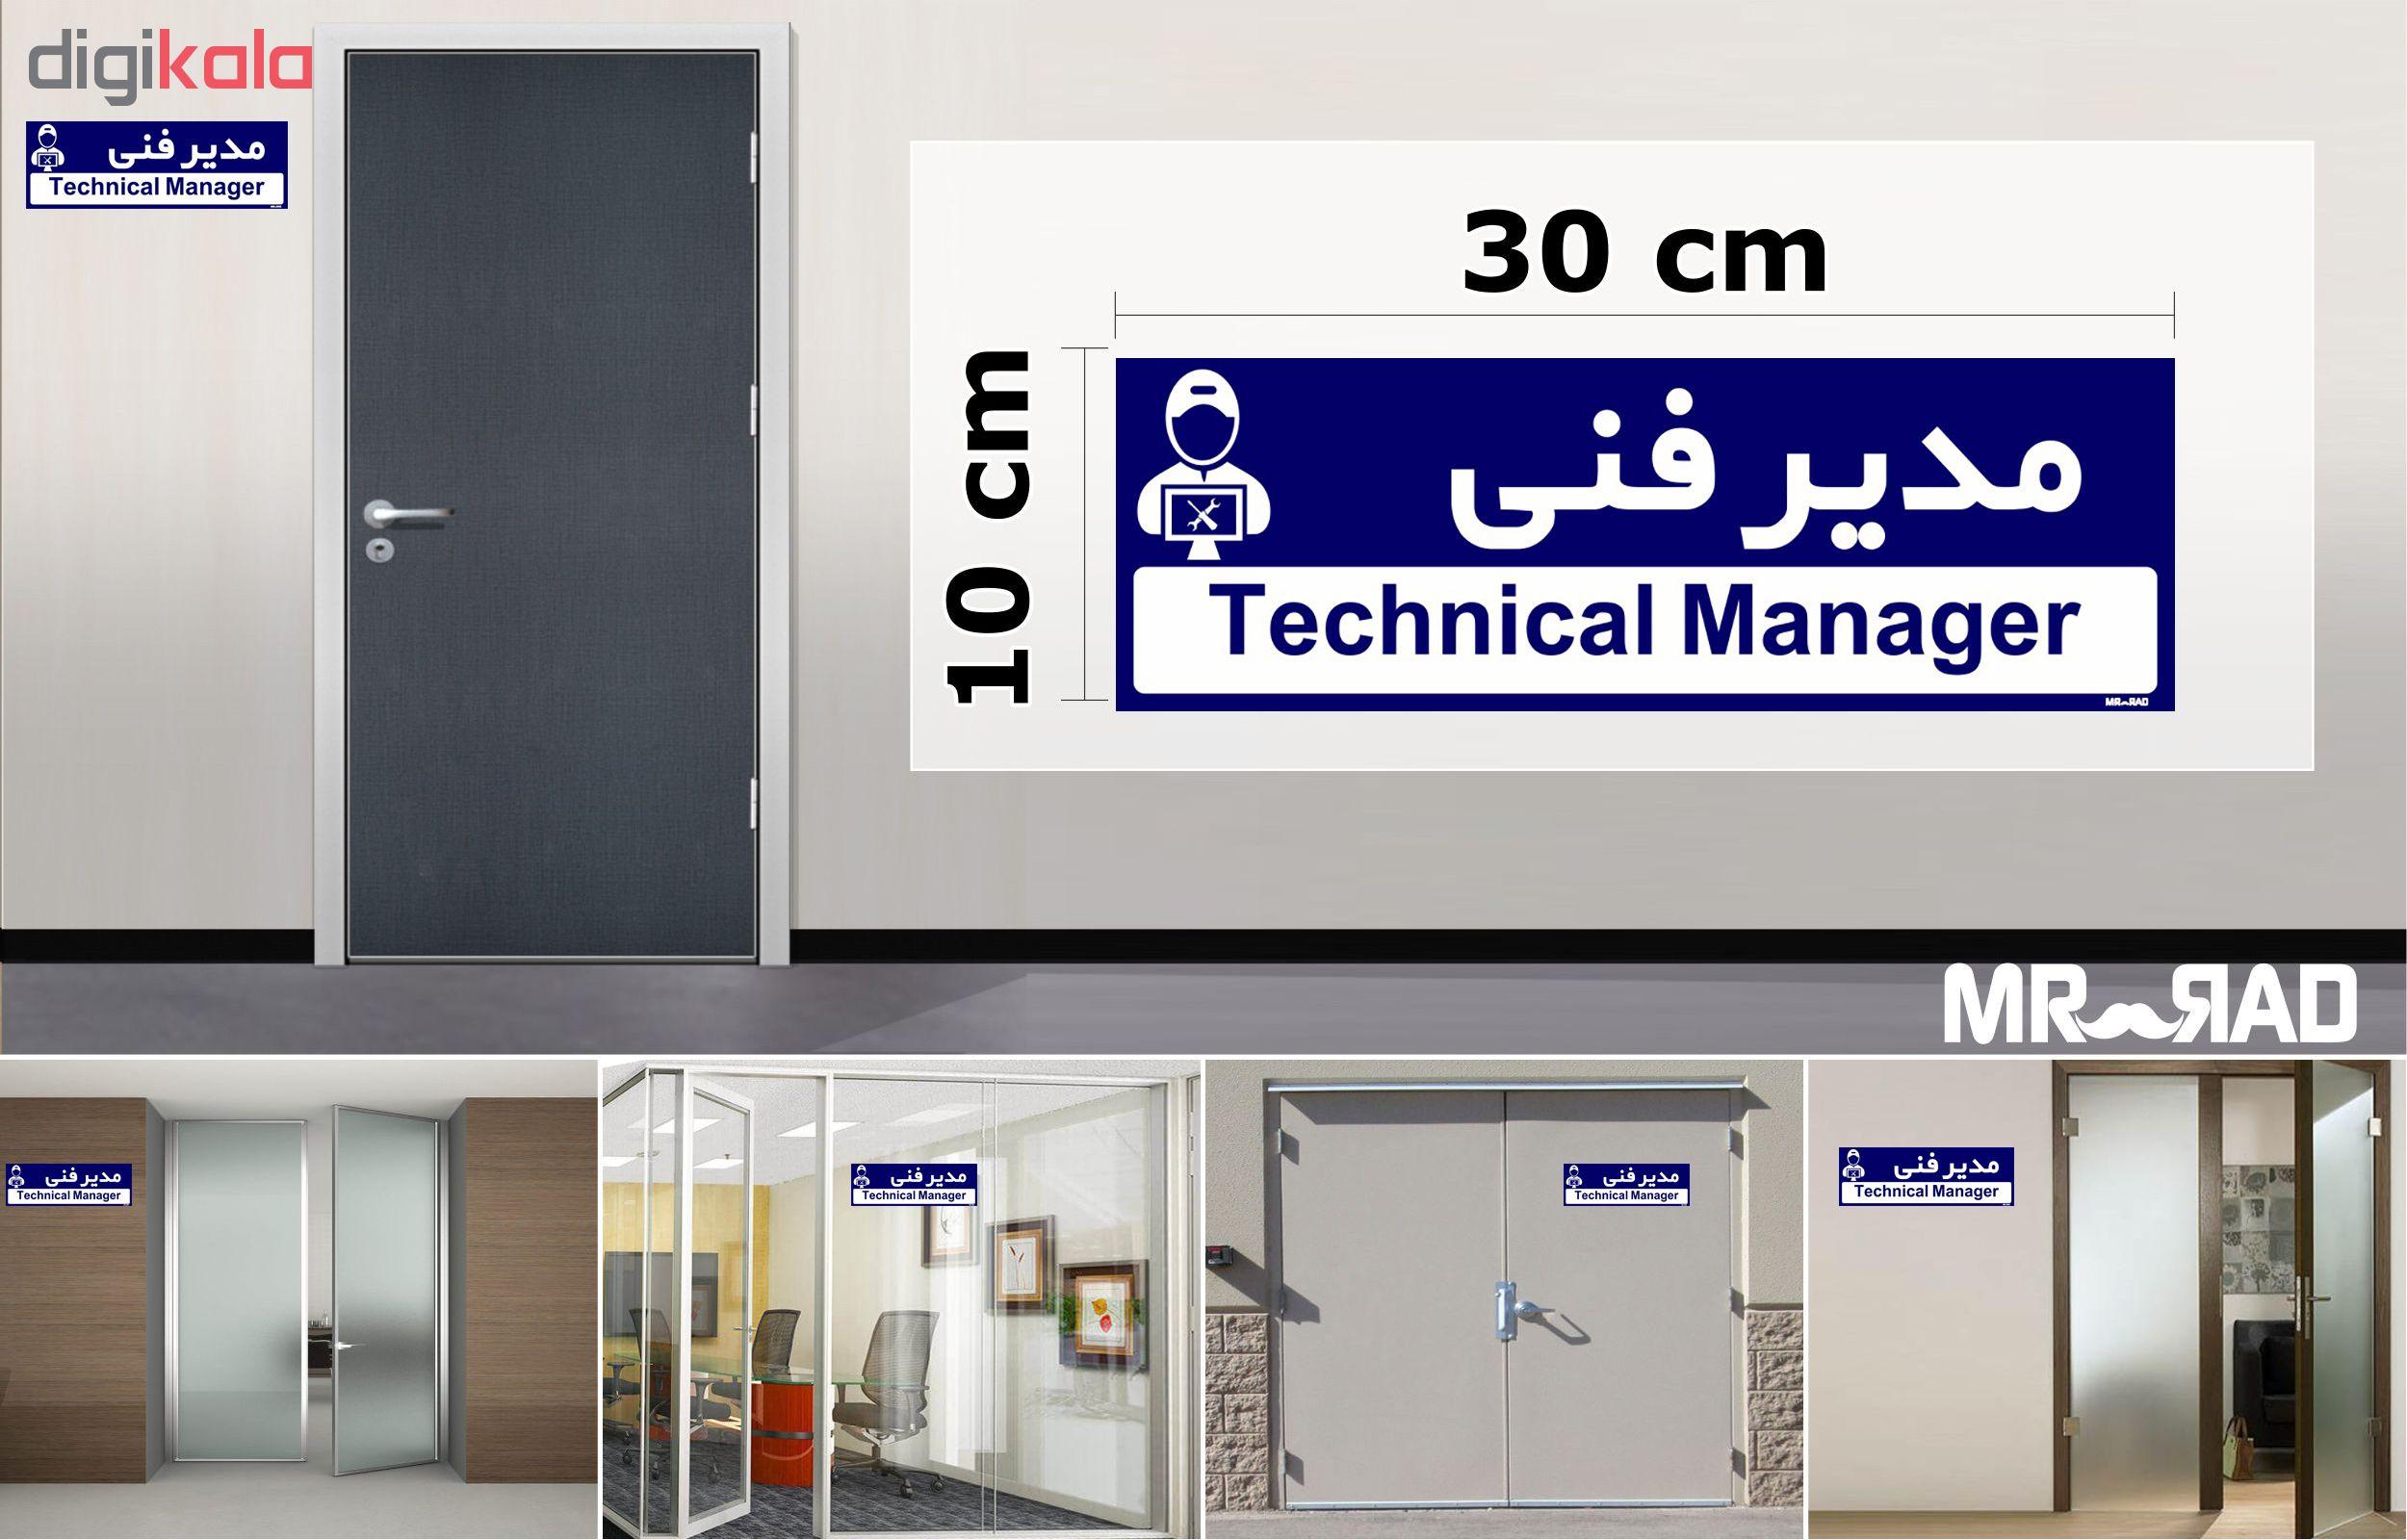 تابلو راهنمای اتاق FG طرح مدیر فنی کدTHO0174